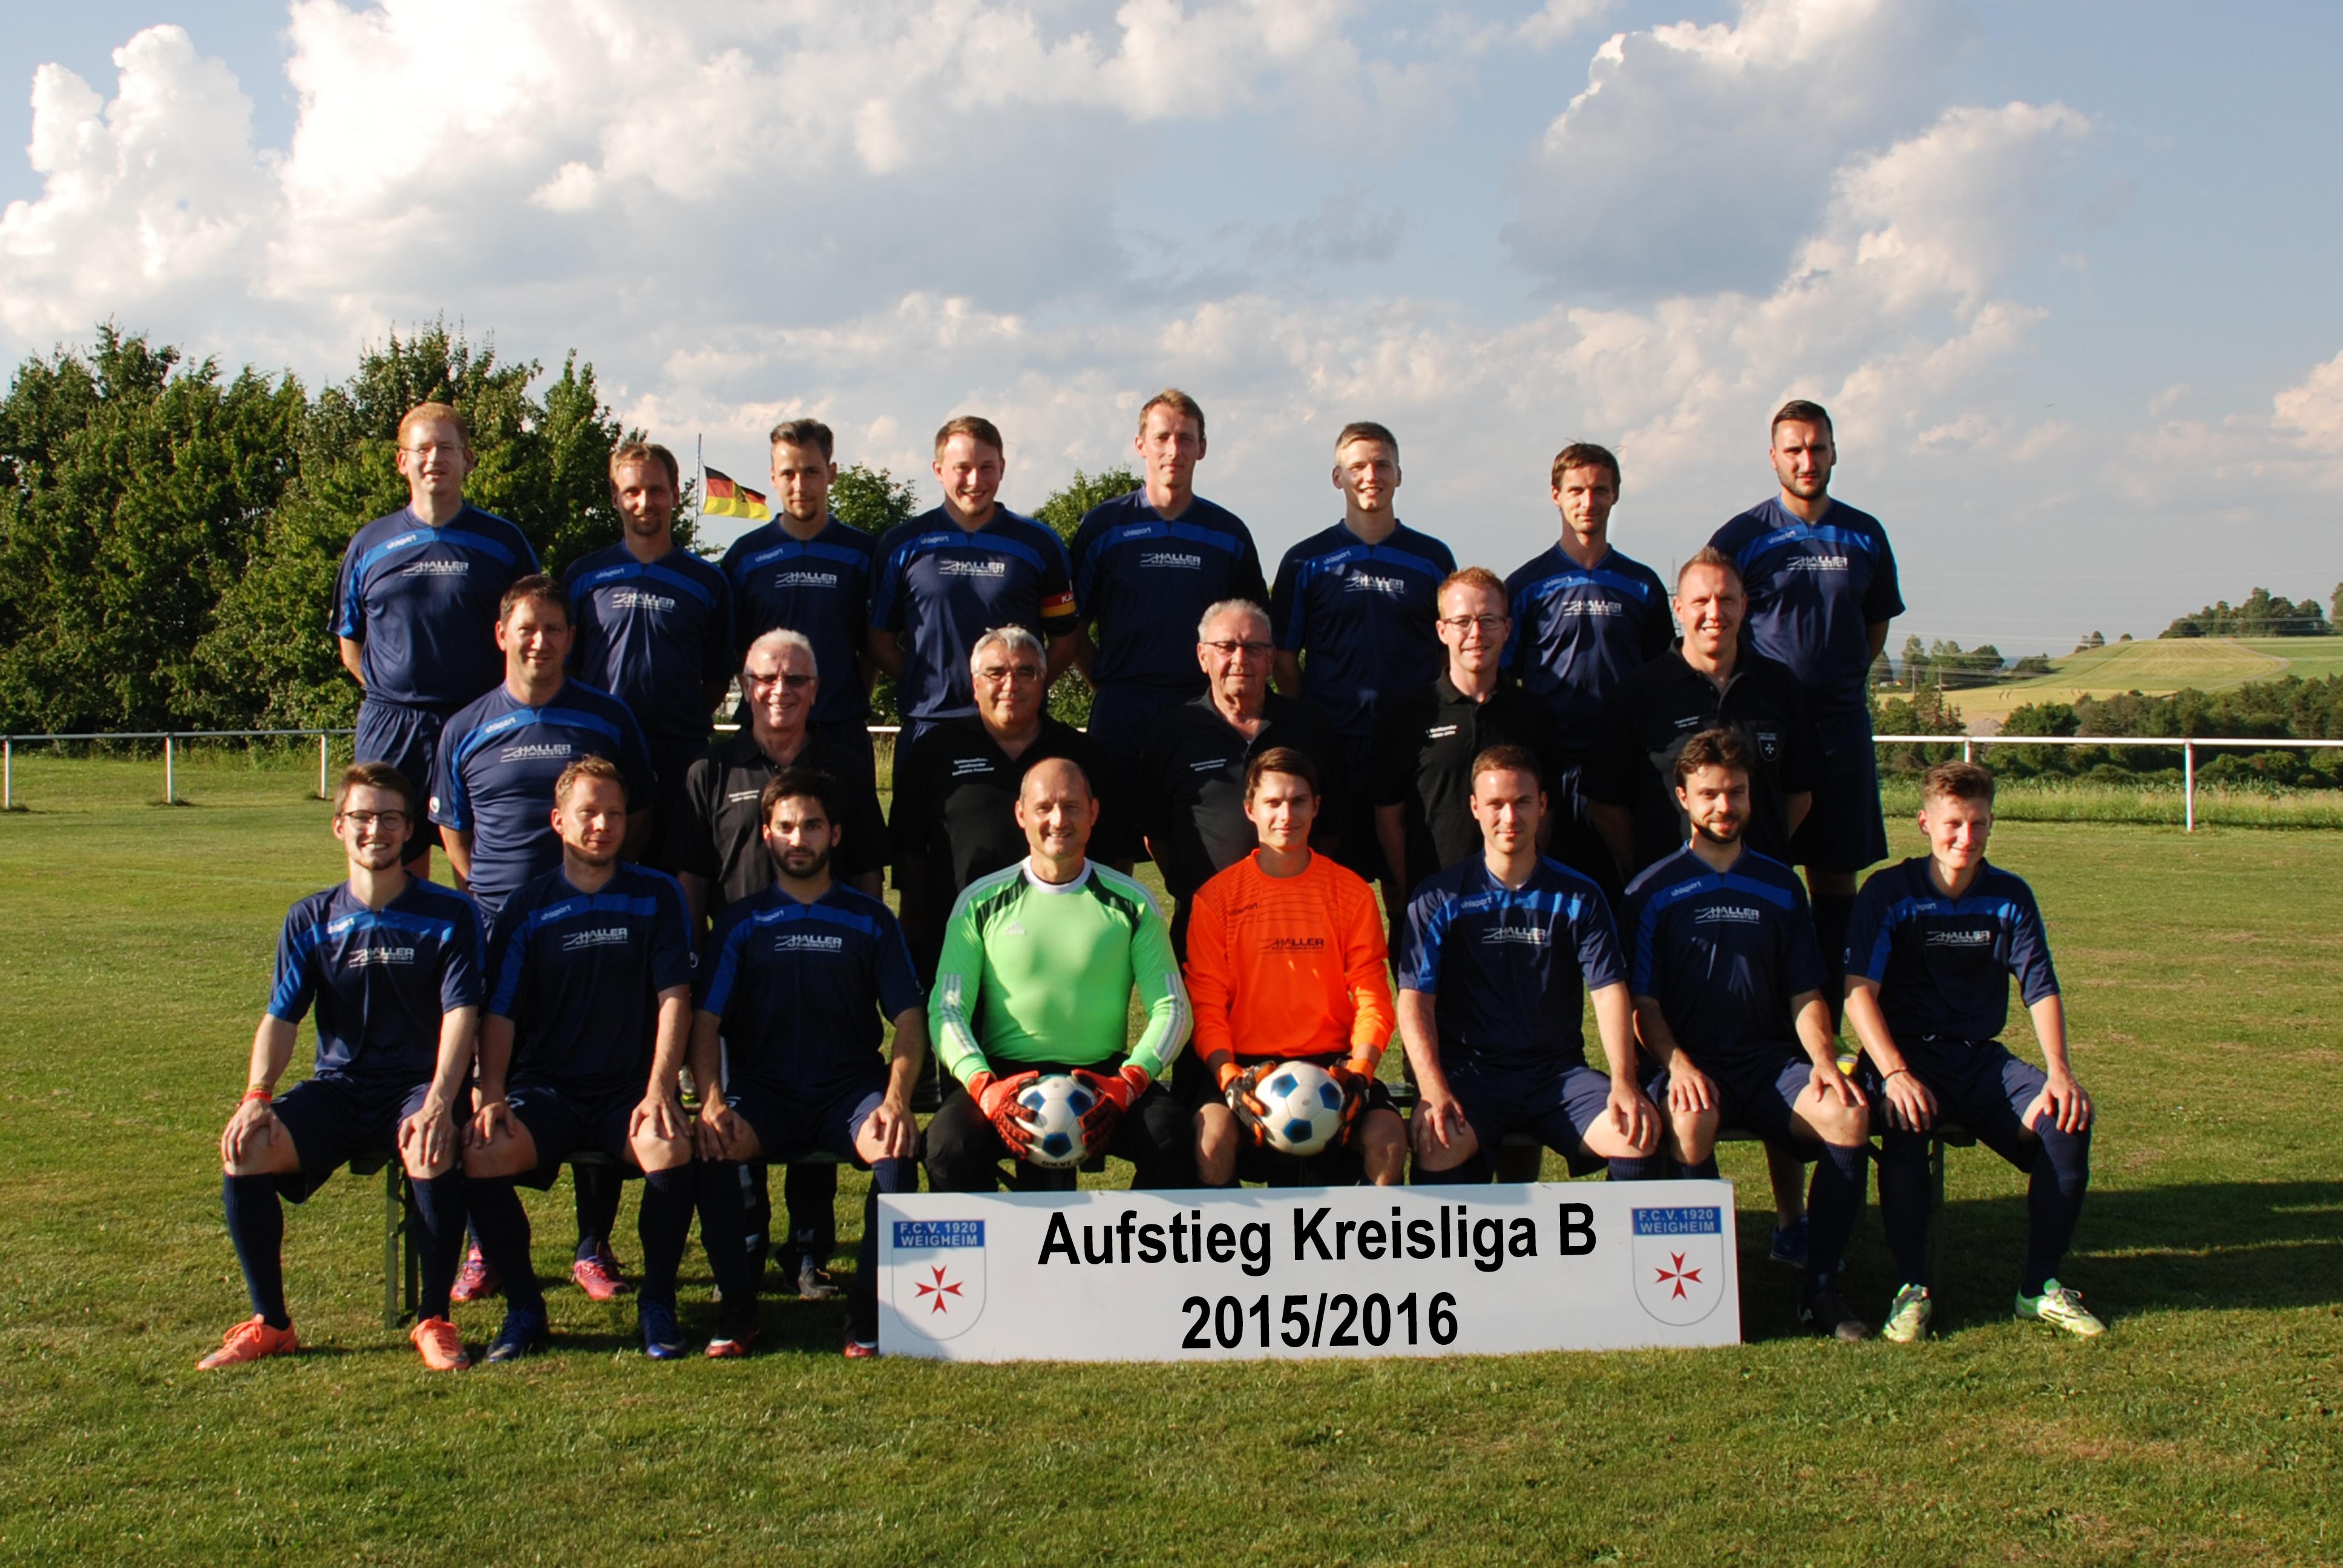 FC Weigheim Aufstieg Kreisliga B